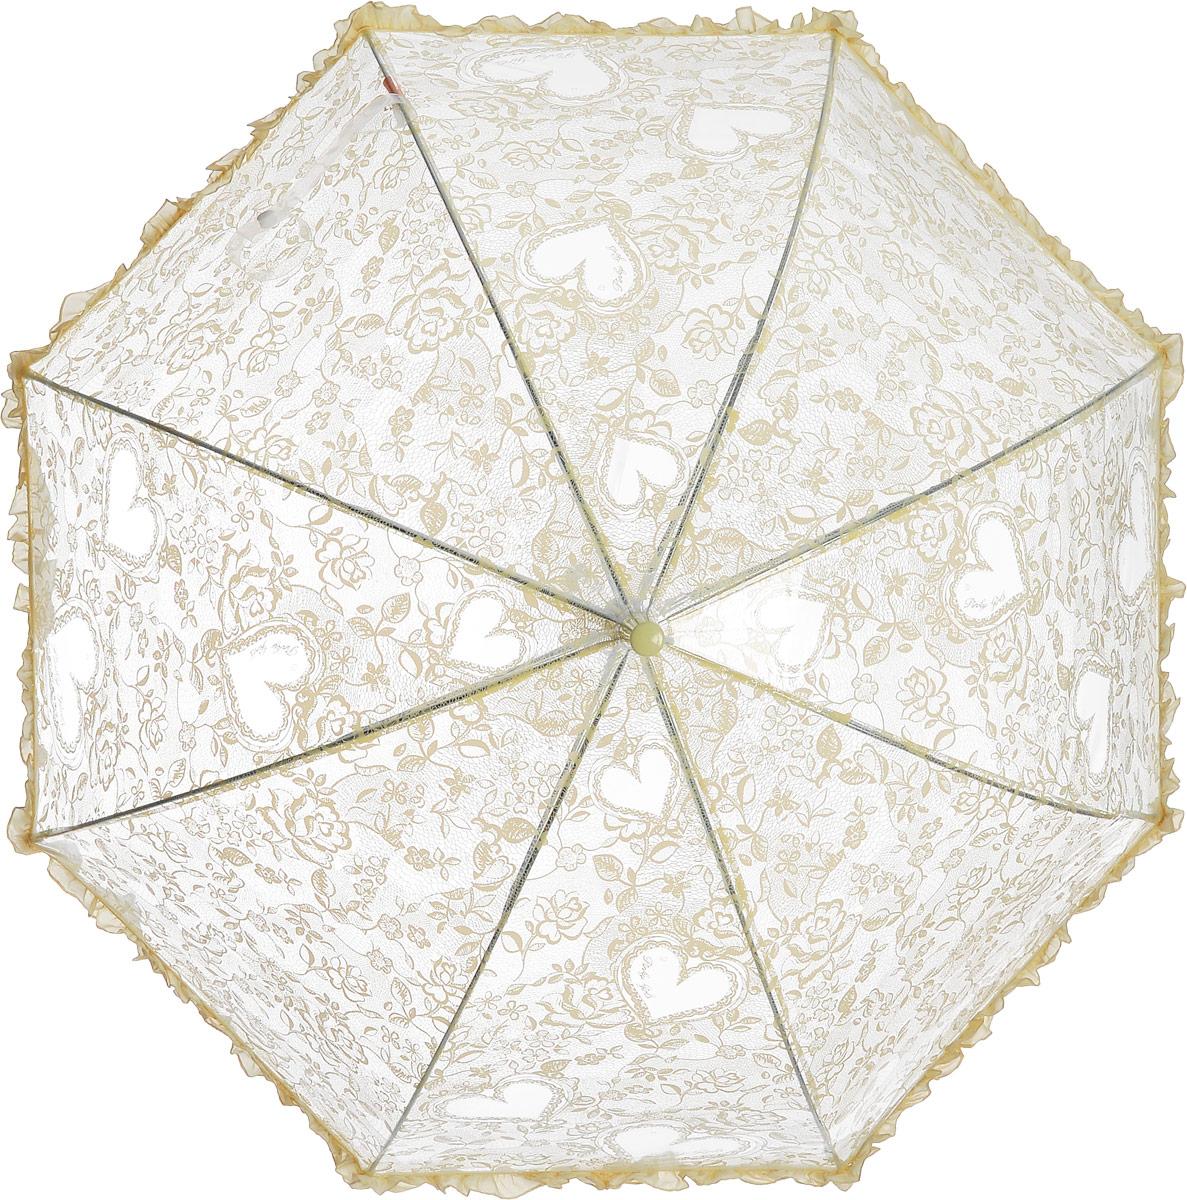 Зонт детский Airton, механический, трость, цвет: прозрачный, желтый. 1651-0245100095/32793/3500NЗамечательный прозрачный зонтик для юной модницы с рисунком Сердечки. Механихм зонта - полуавтомат. Аксессуар сделан с соблюдением всех стандартов безопасности, острые концы заблокированы специальными клипсами, ручка в форме крюка позволит легко повесить зонт даже на собственную руку.